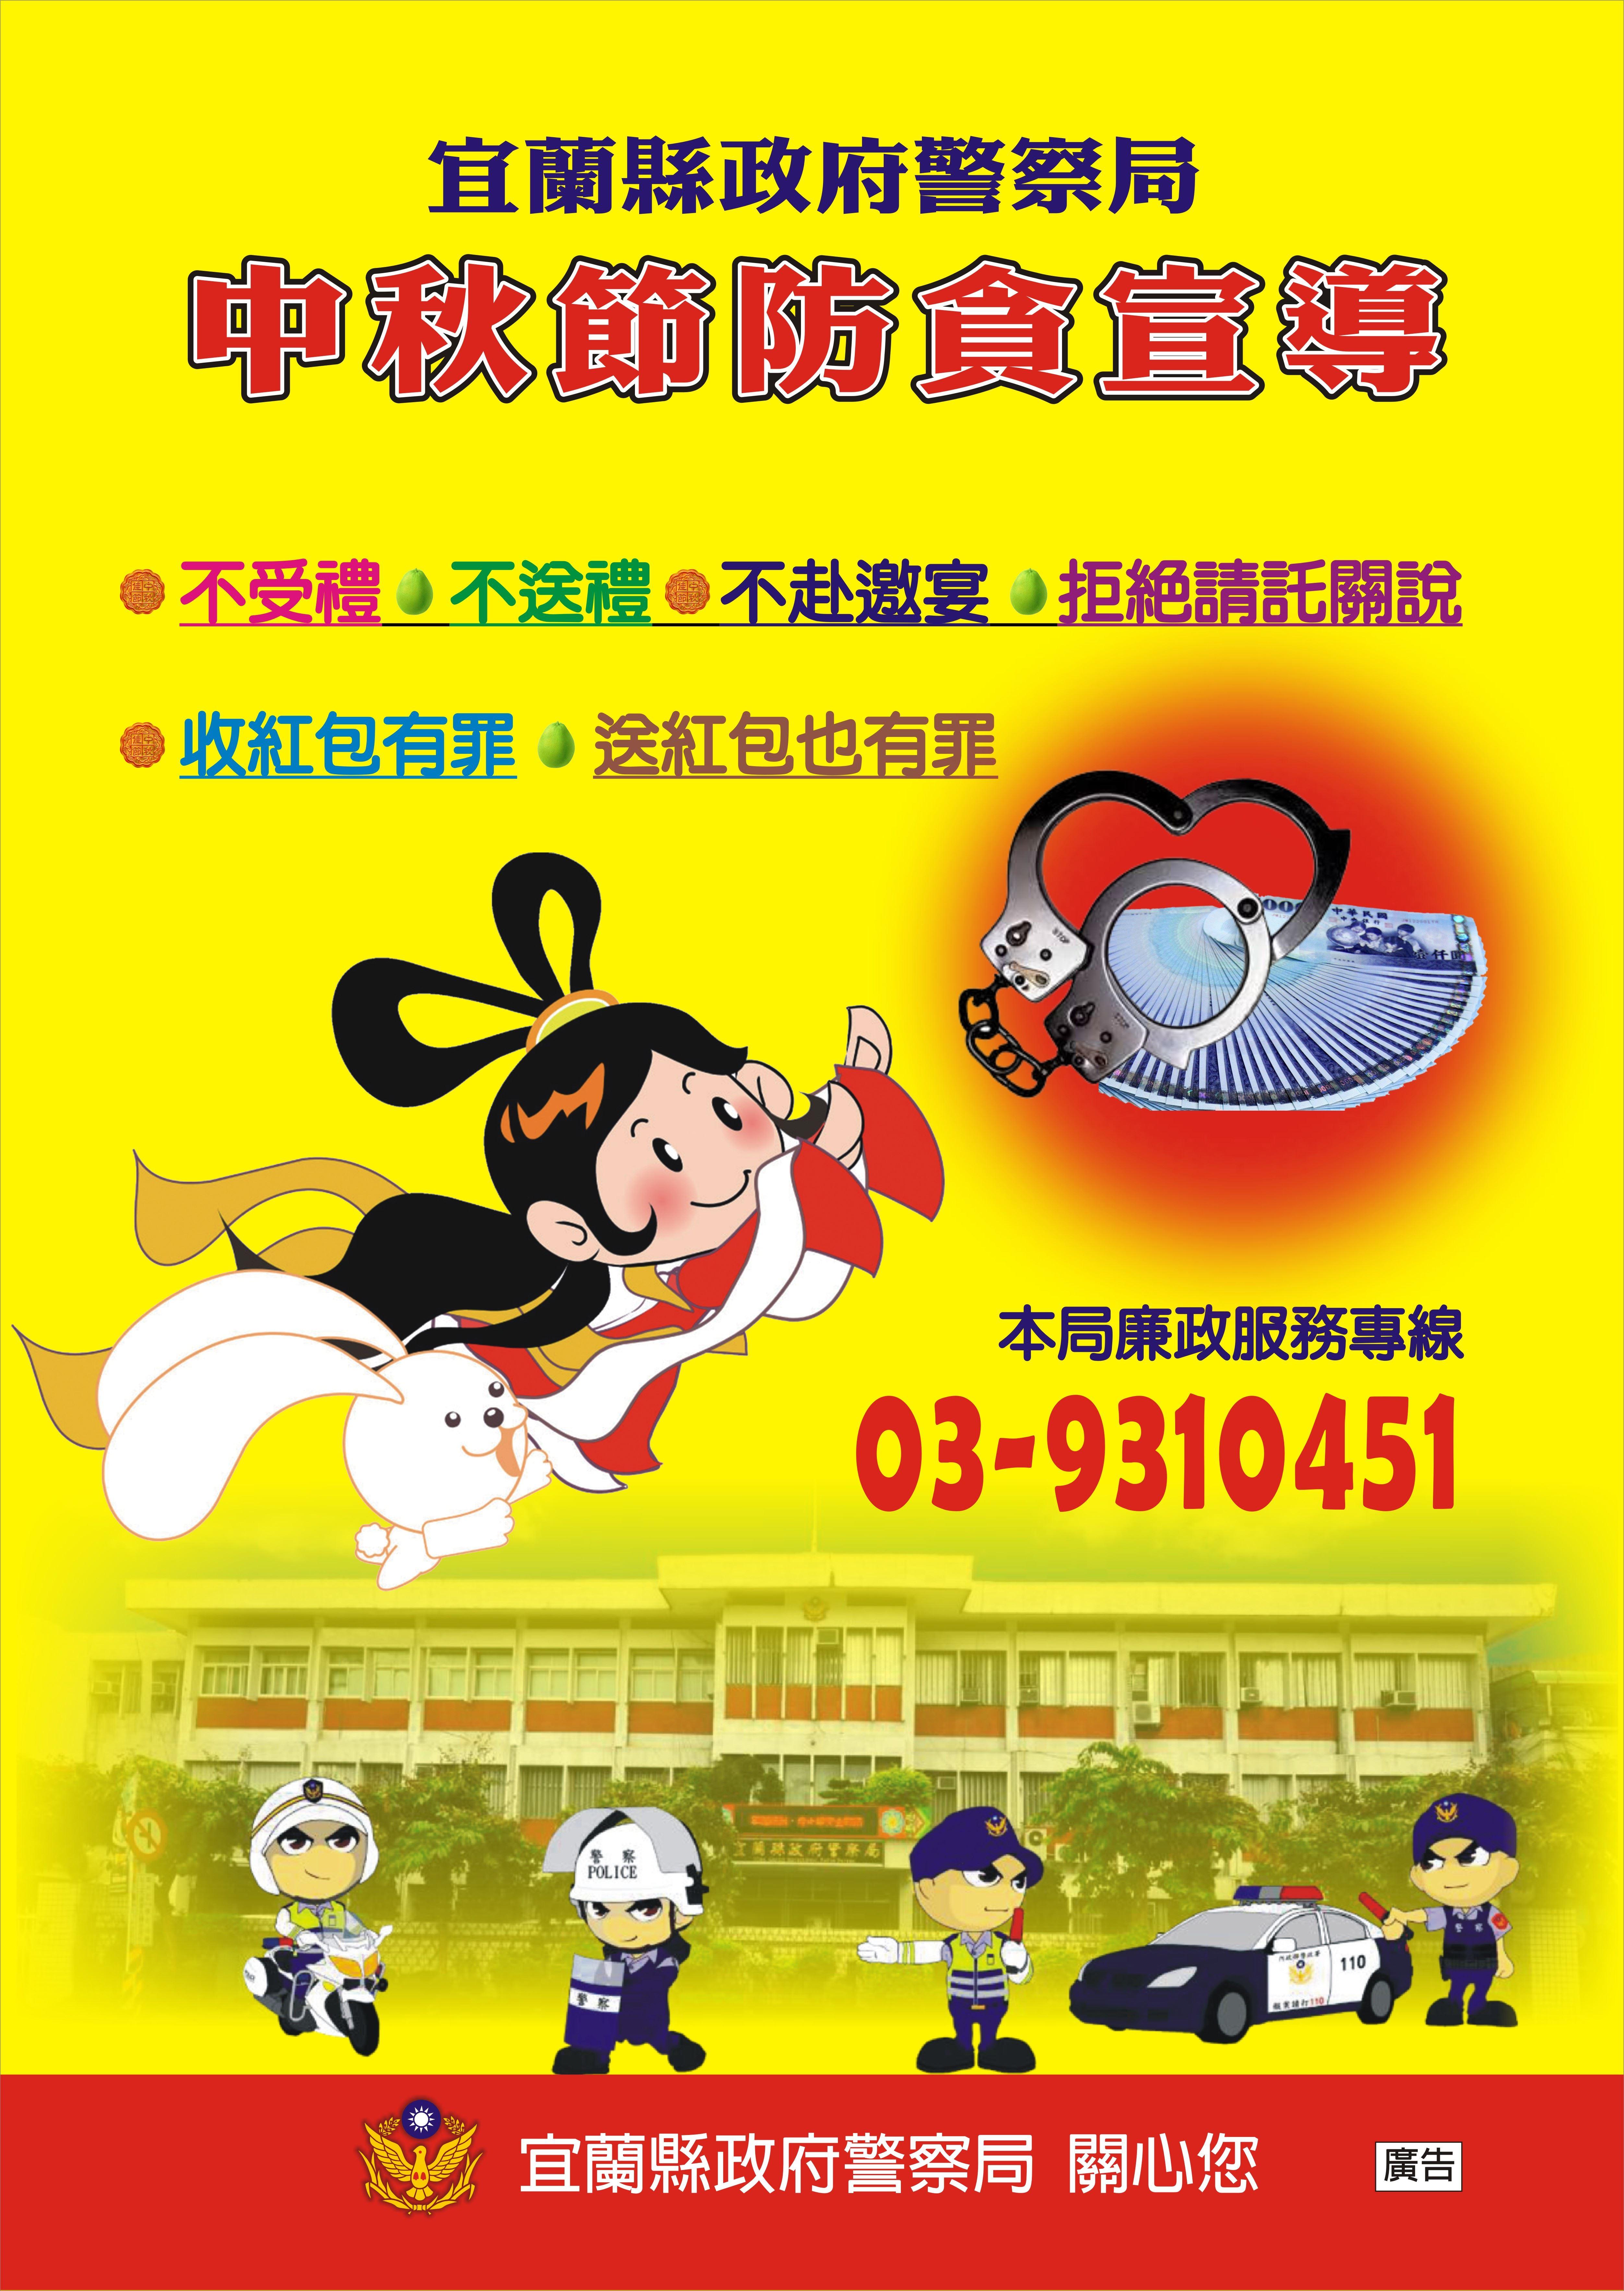 警察局-中秋節-防貪宣導海報-社區集會活動宣導請用此張海報